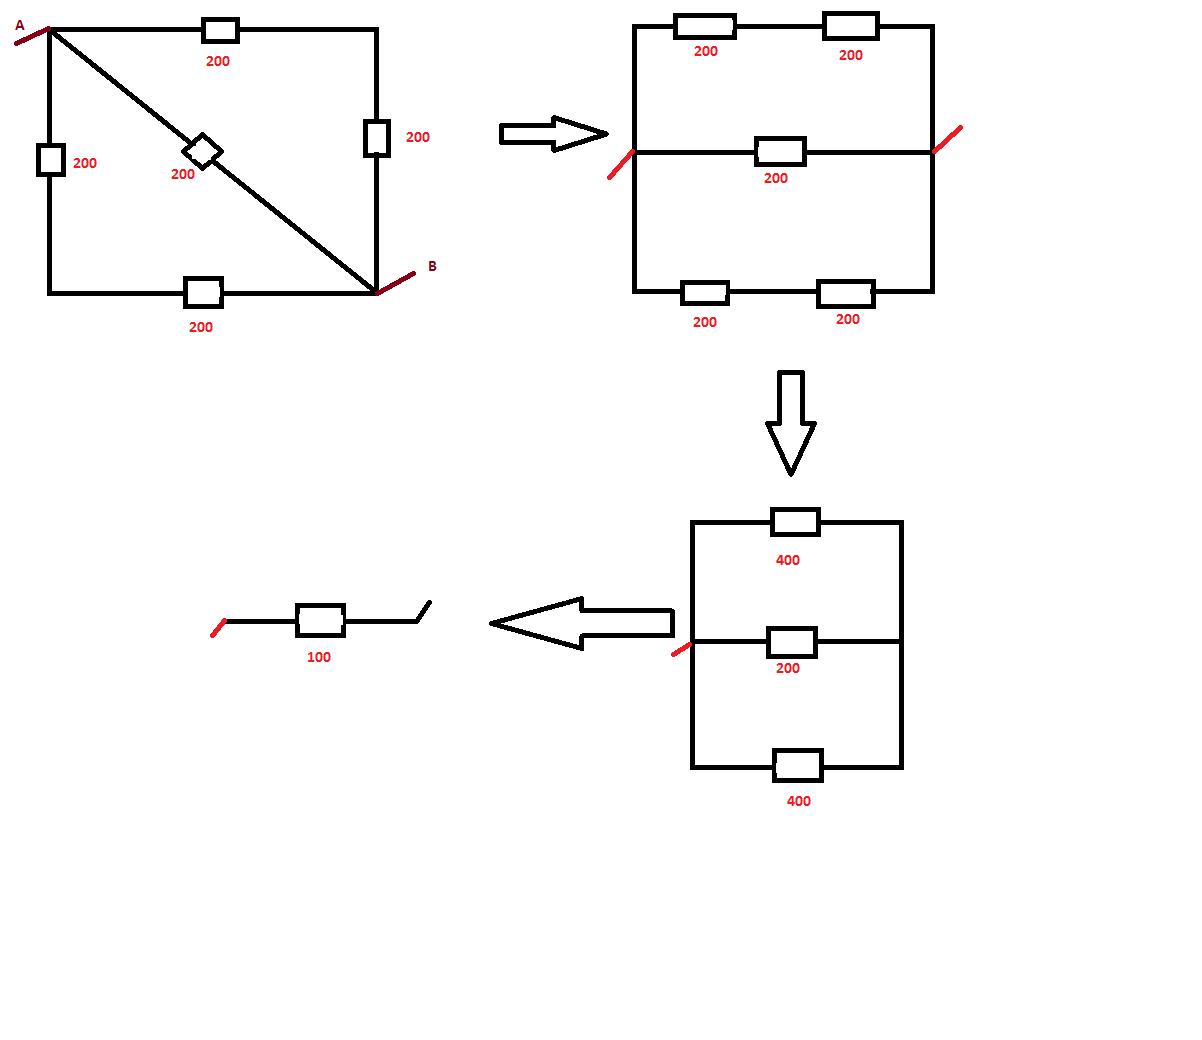 Cinco Resistores De 200 Ohm Cada Sao Ligados Formando Um